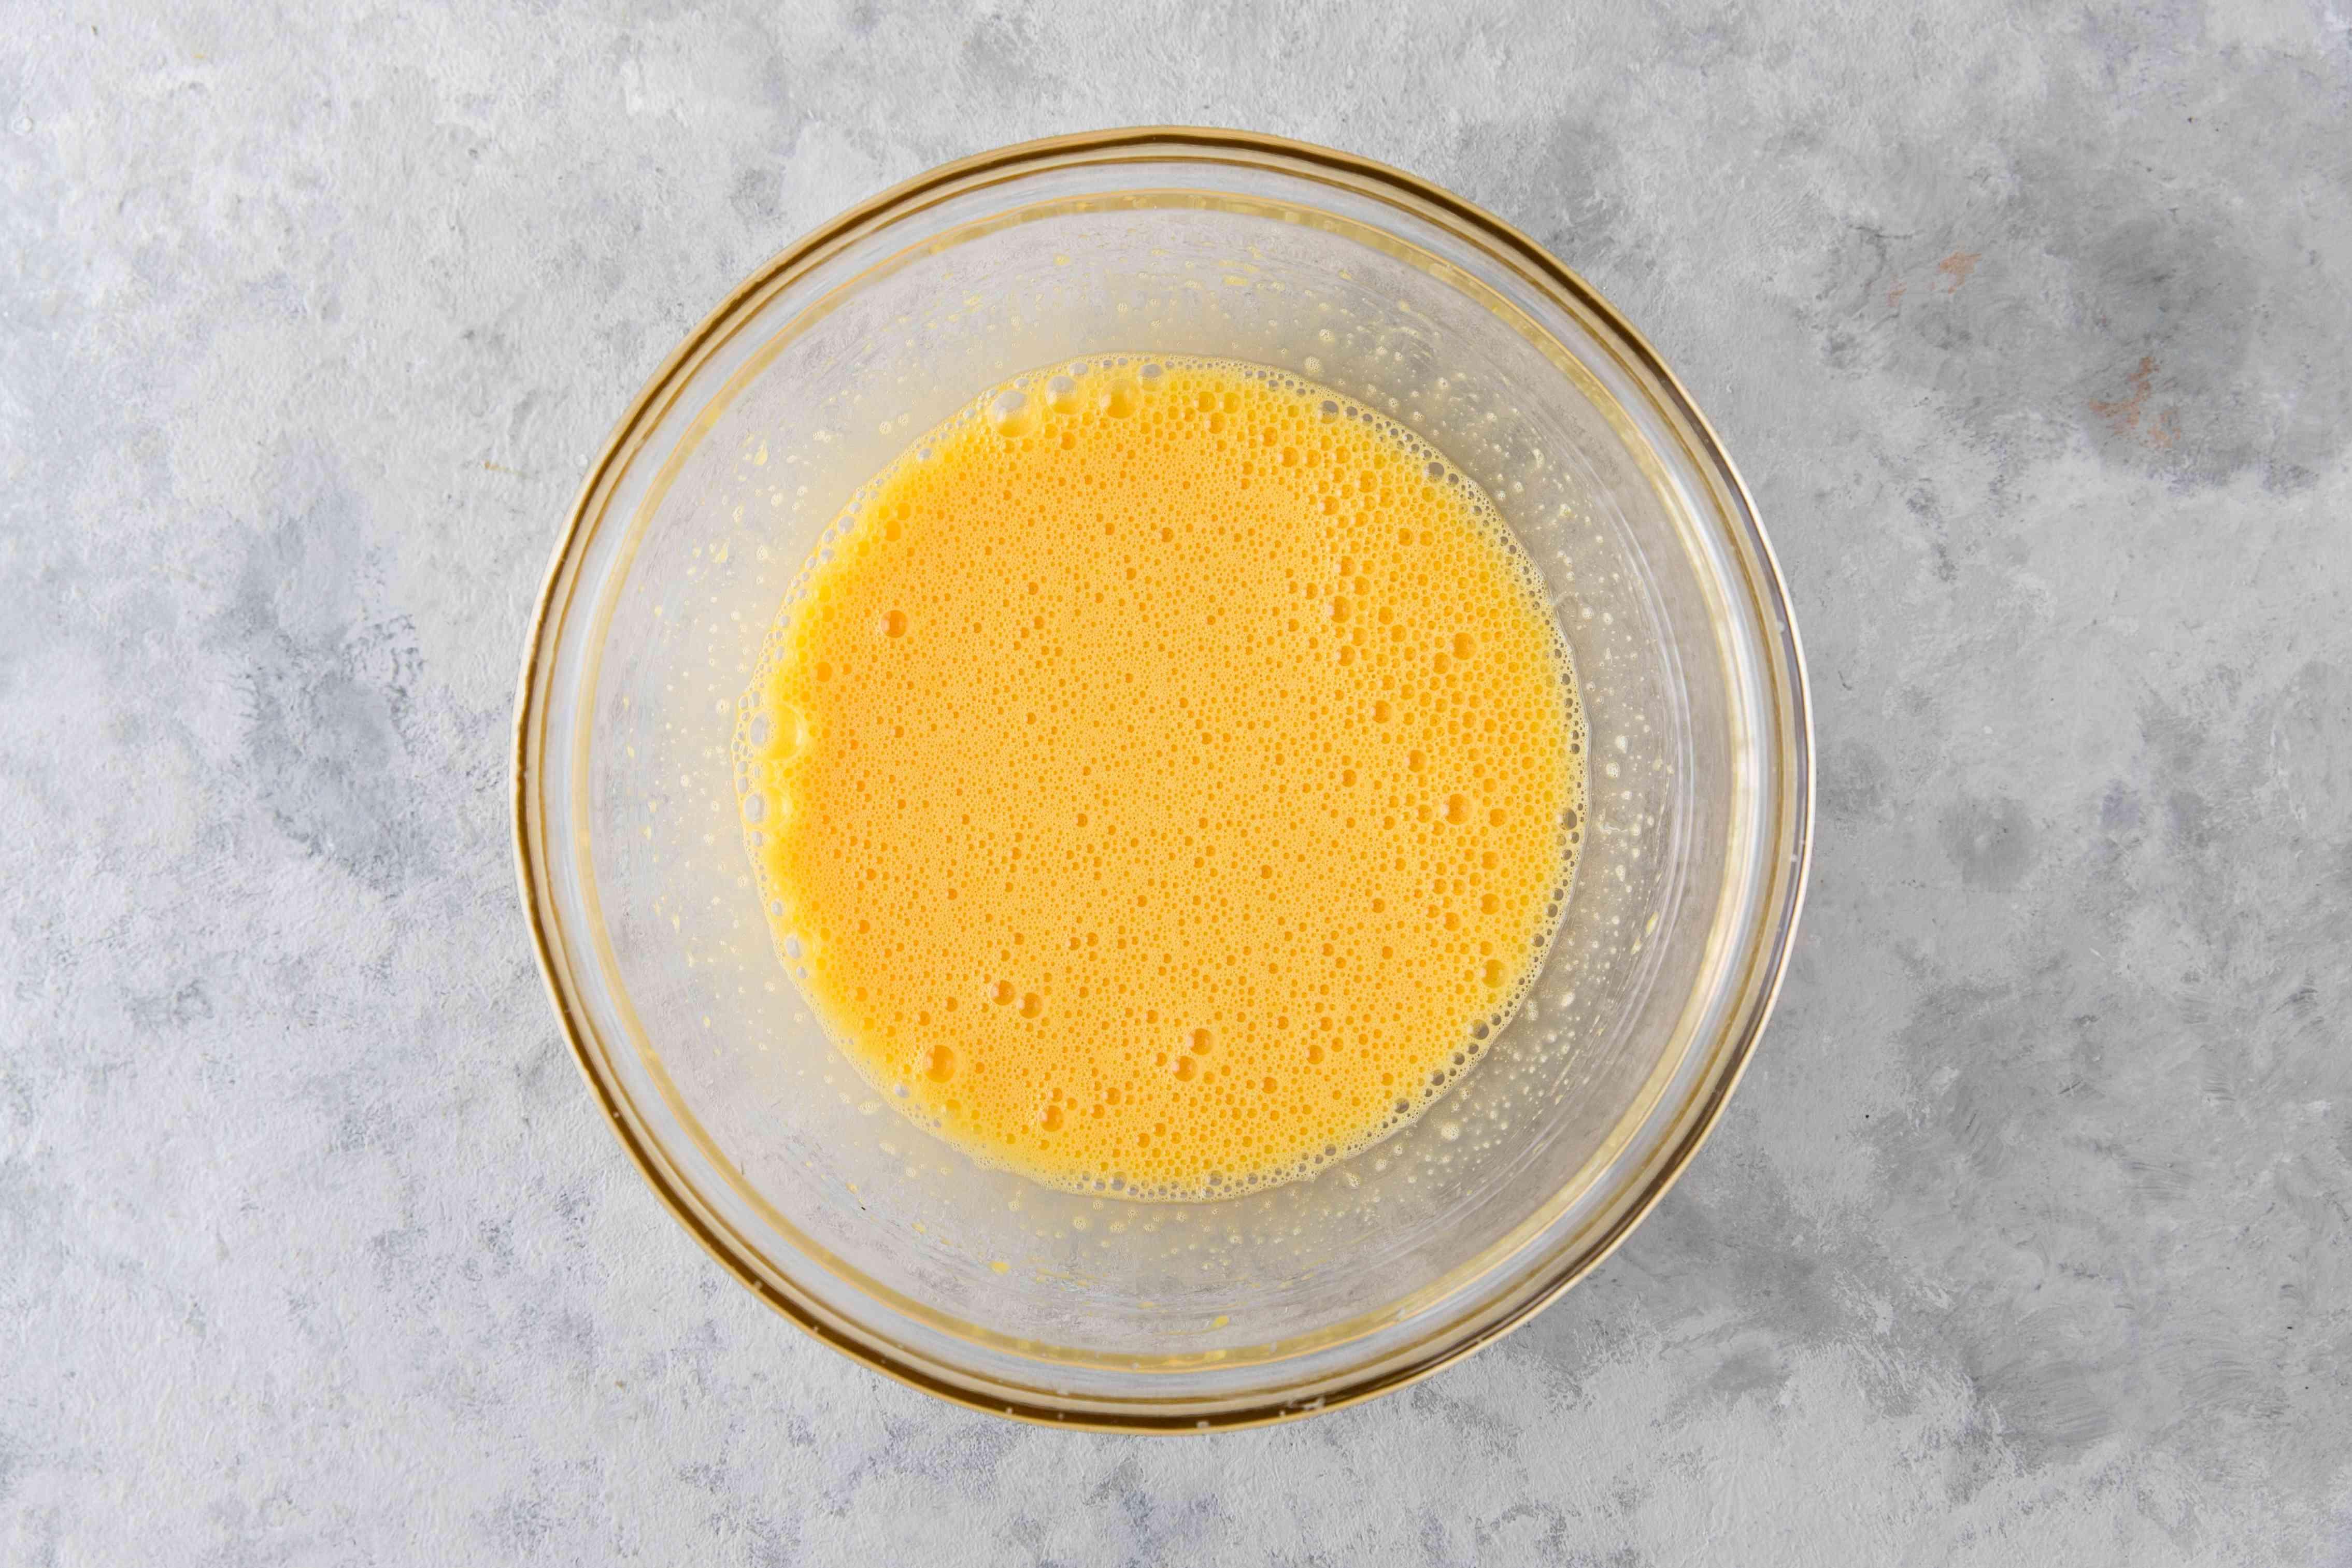 Whisk egg yolks